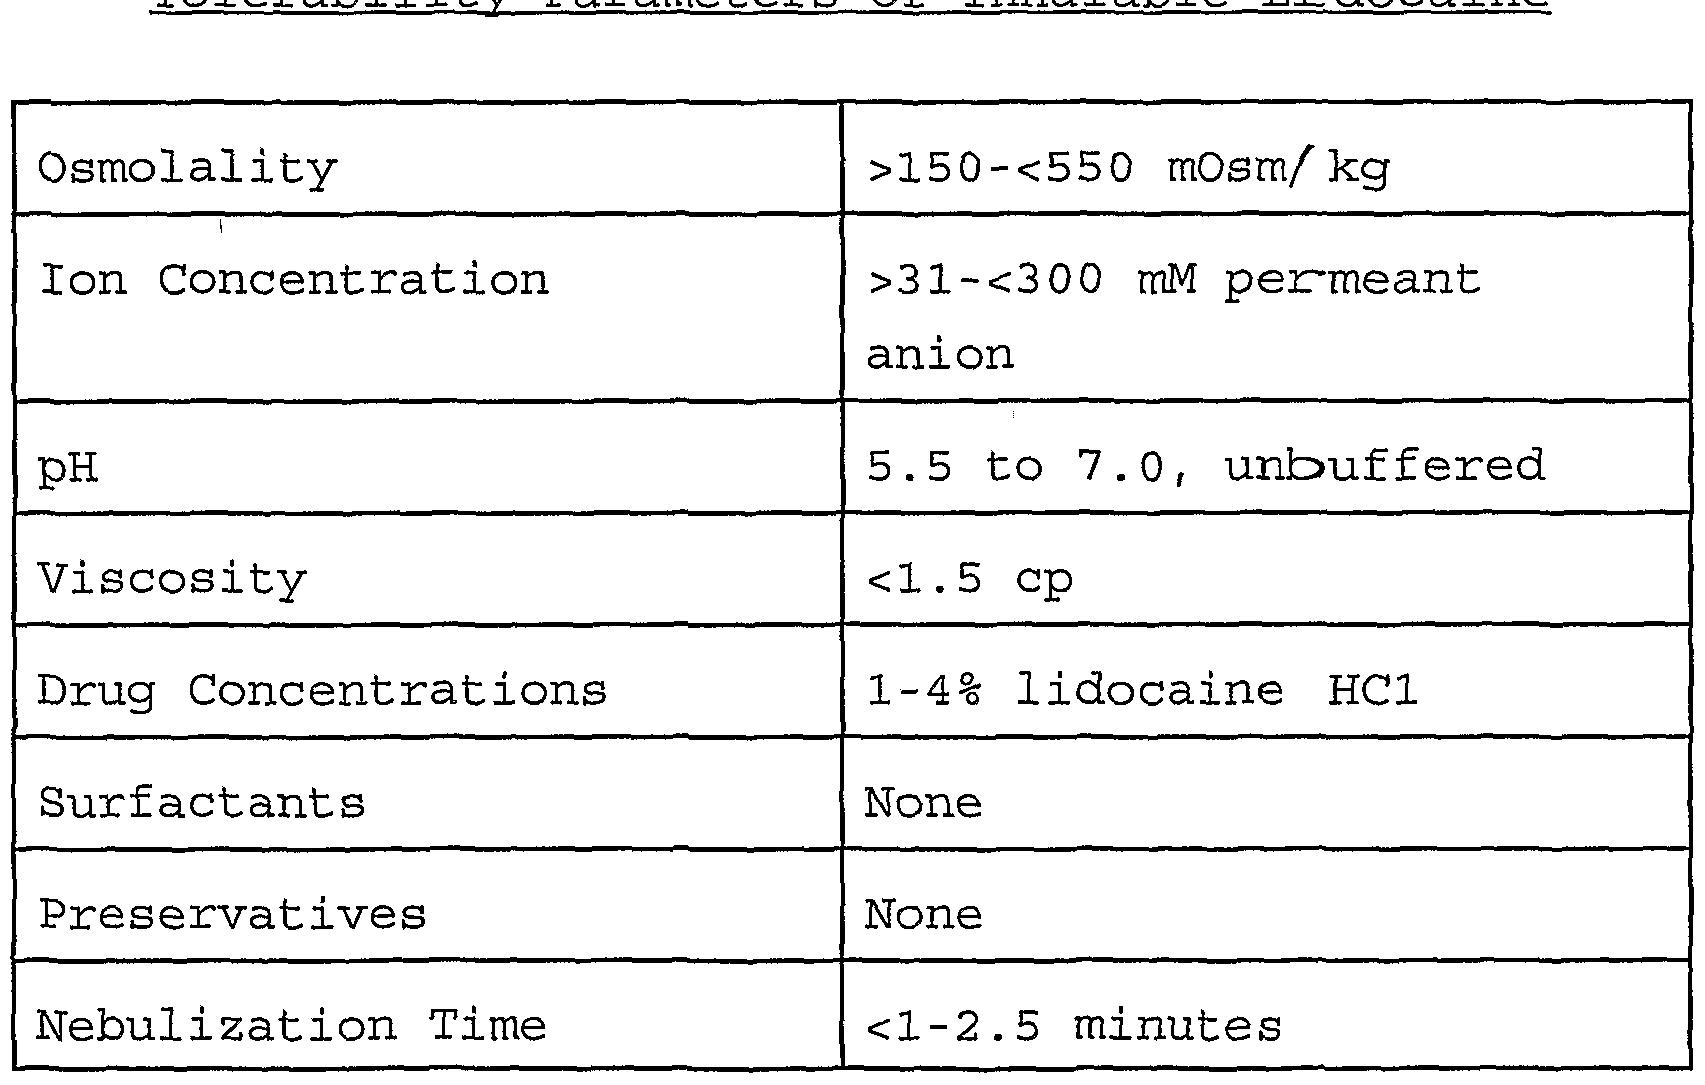 lidocaine asthma intubation